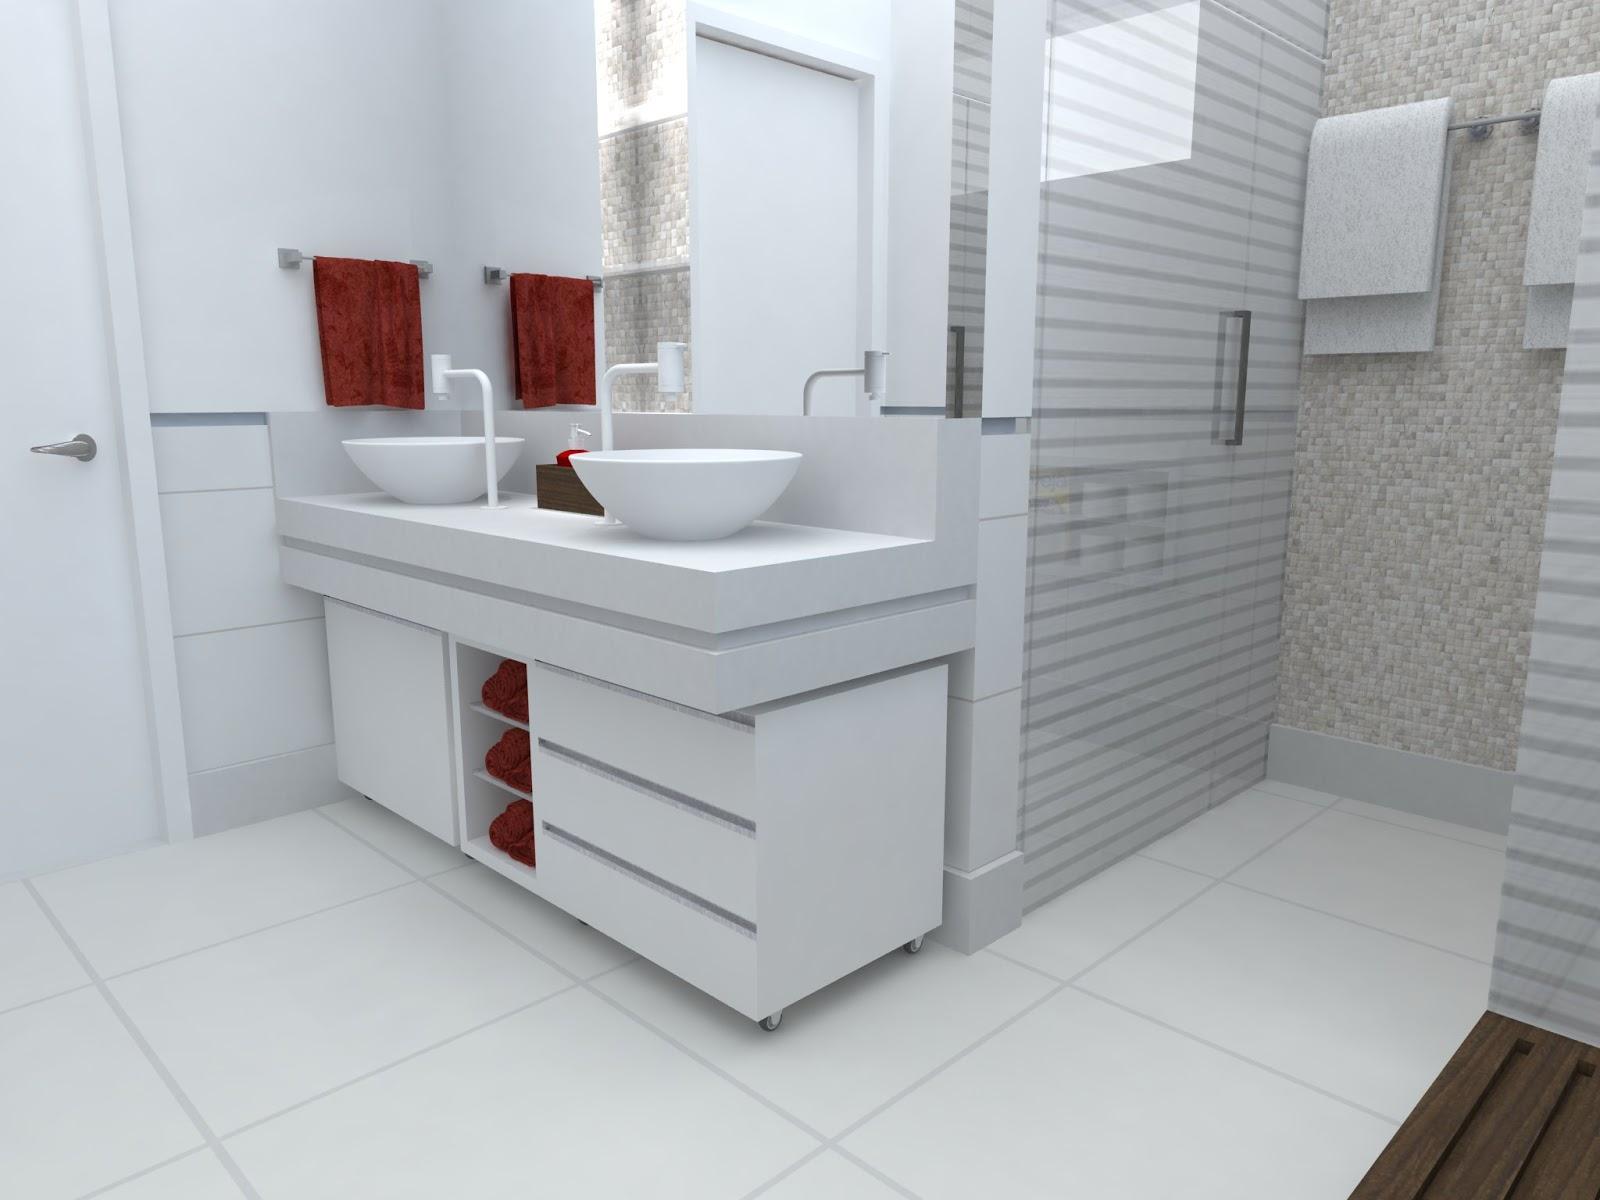 Época Arquitetura Restauro Decoração Paisagismo: PROJETO DE  #652721 1600x1200 Arquitetura Para Banheiro